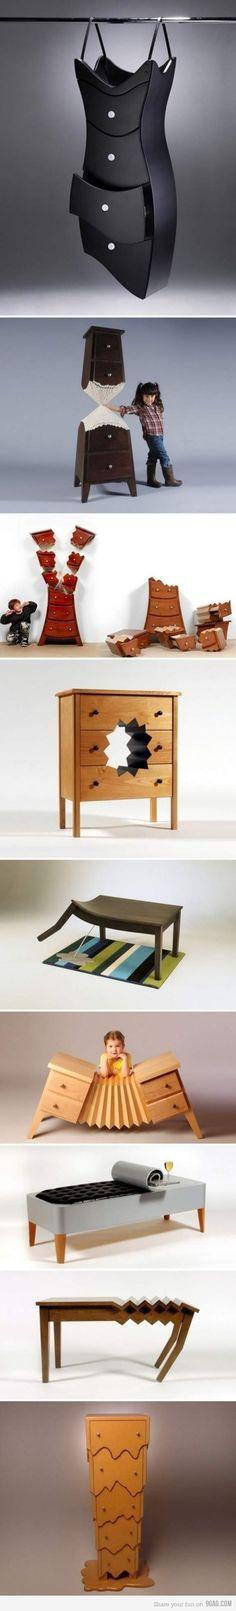 Crazy furniture cool!!!!